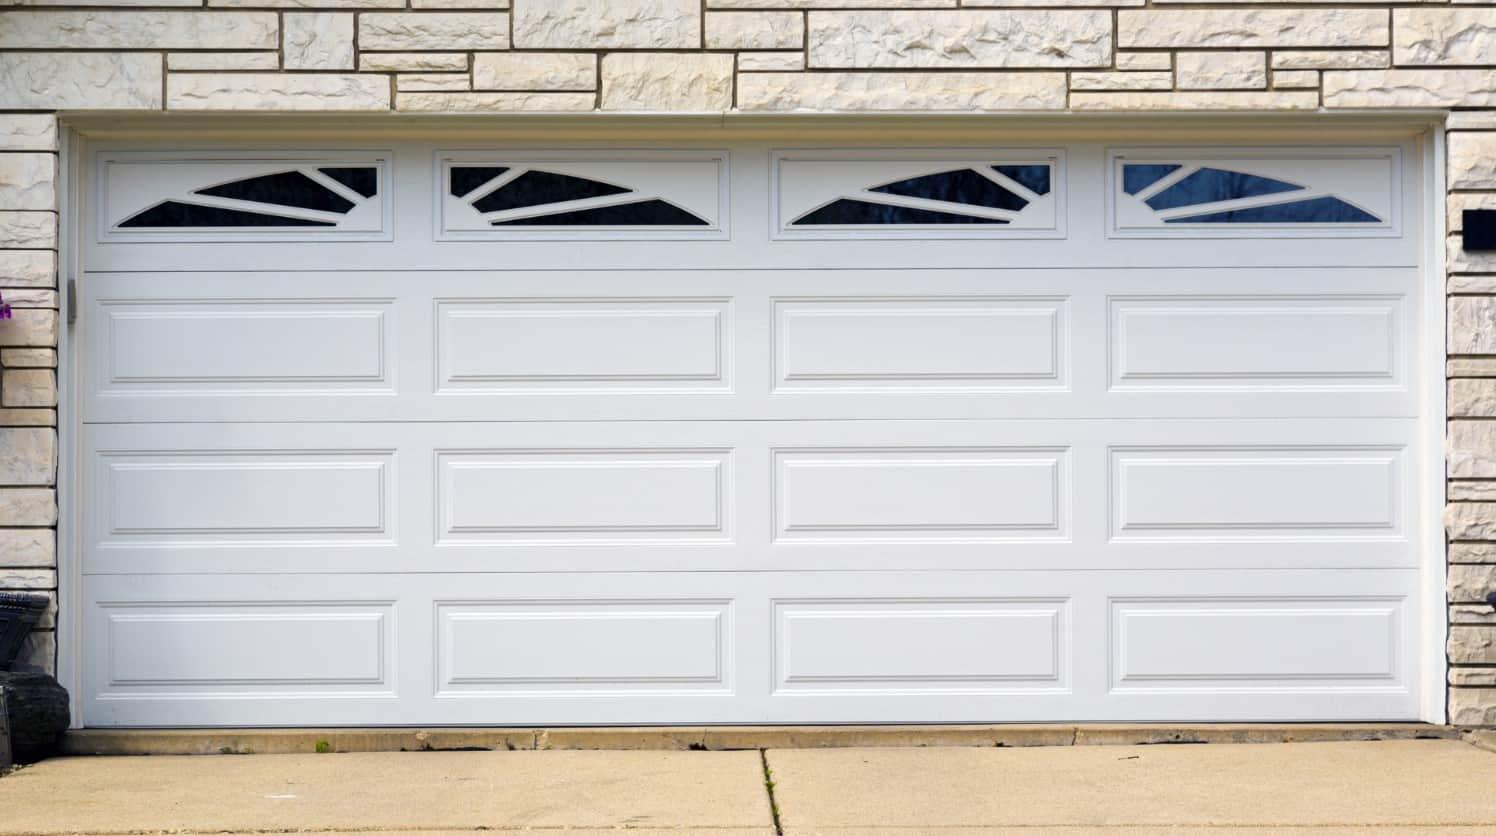 שימון דלתות מוסך עם WD40